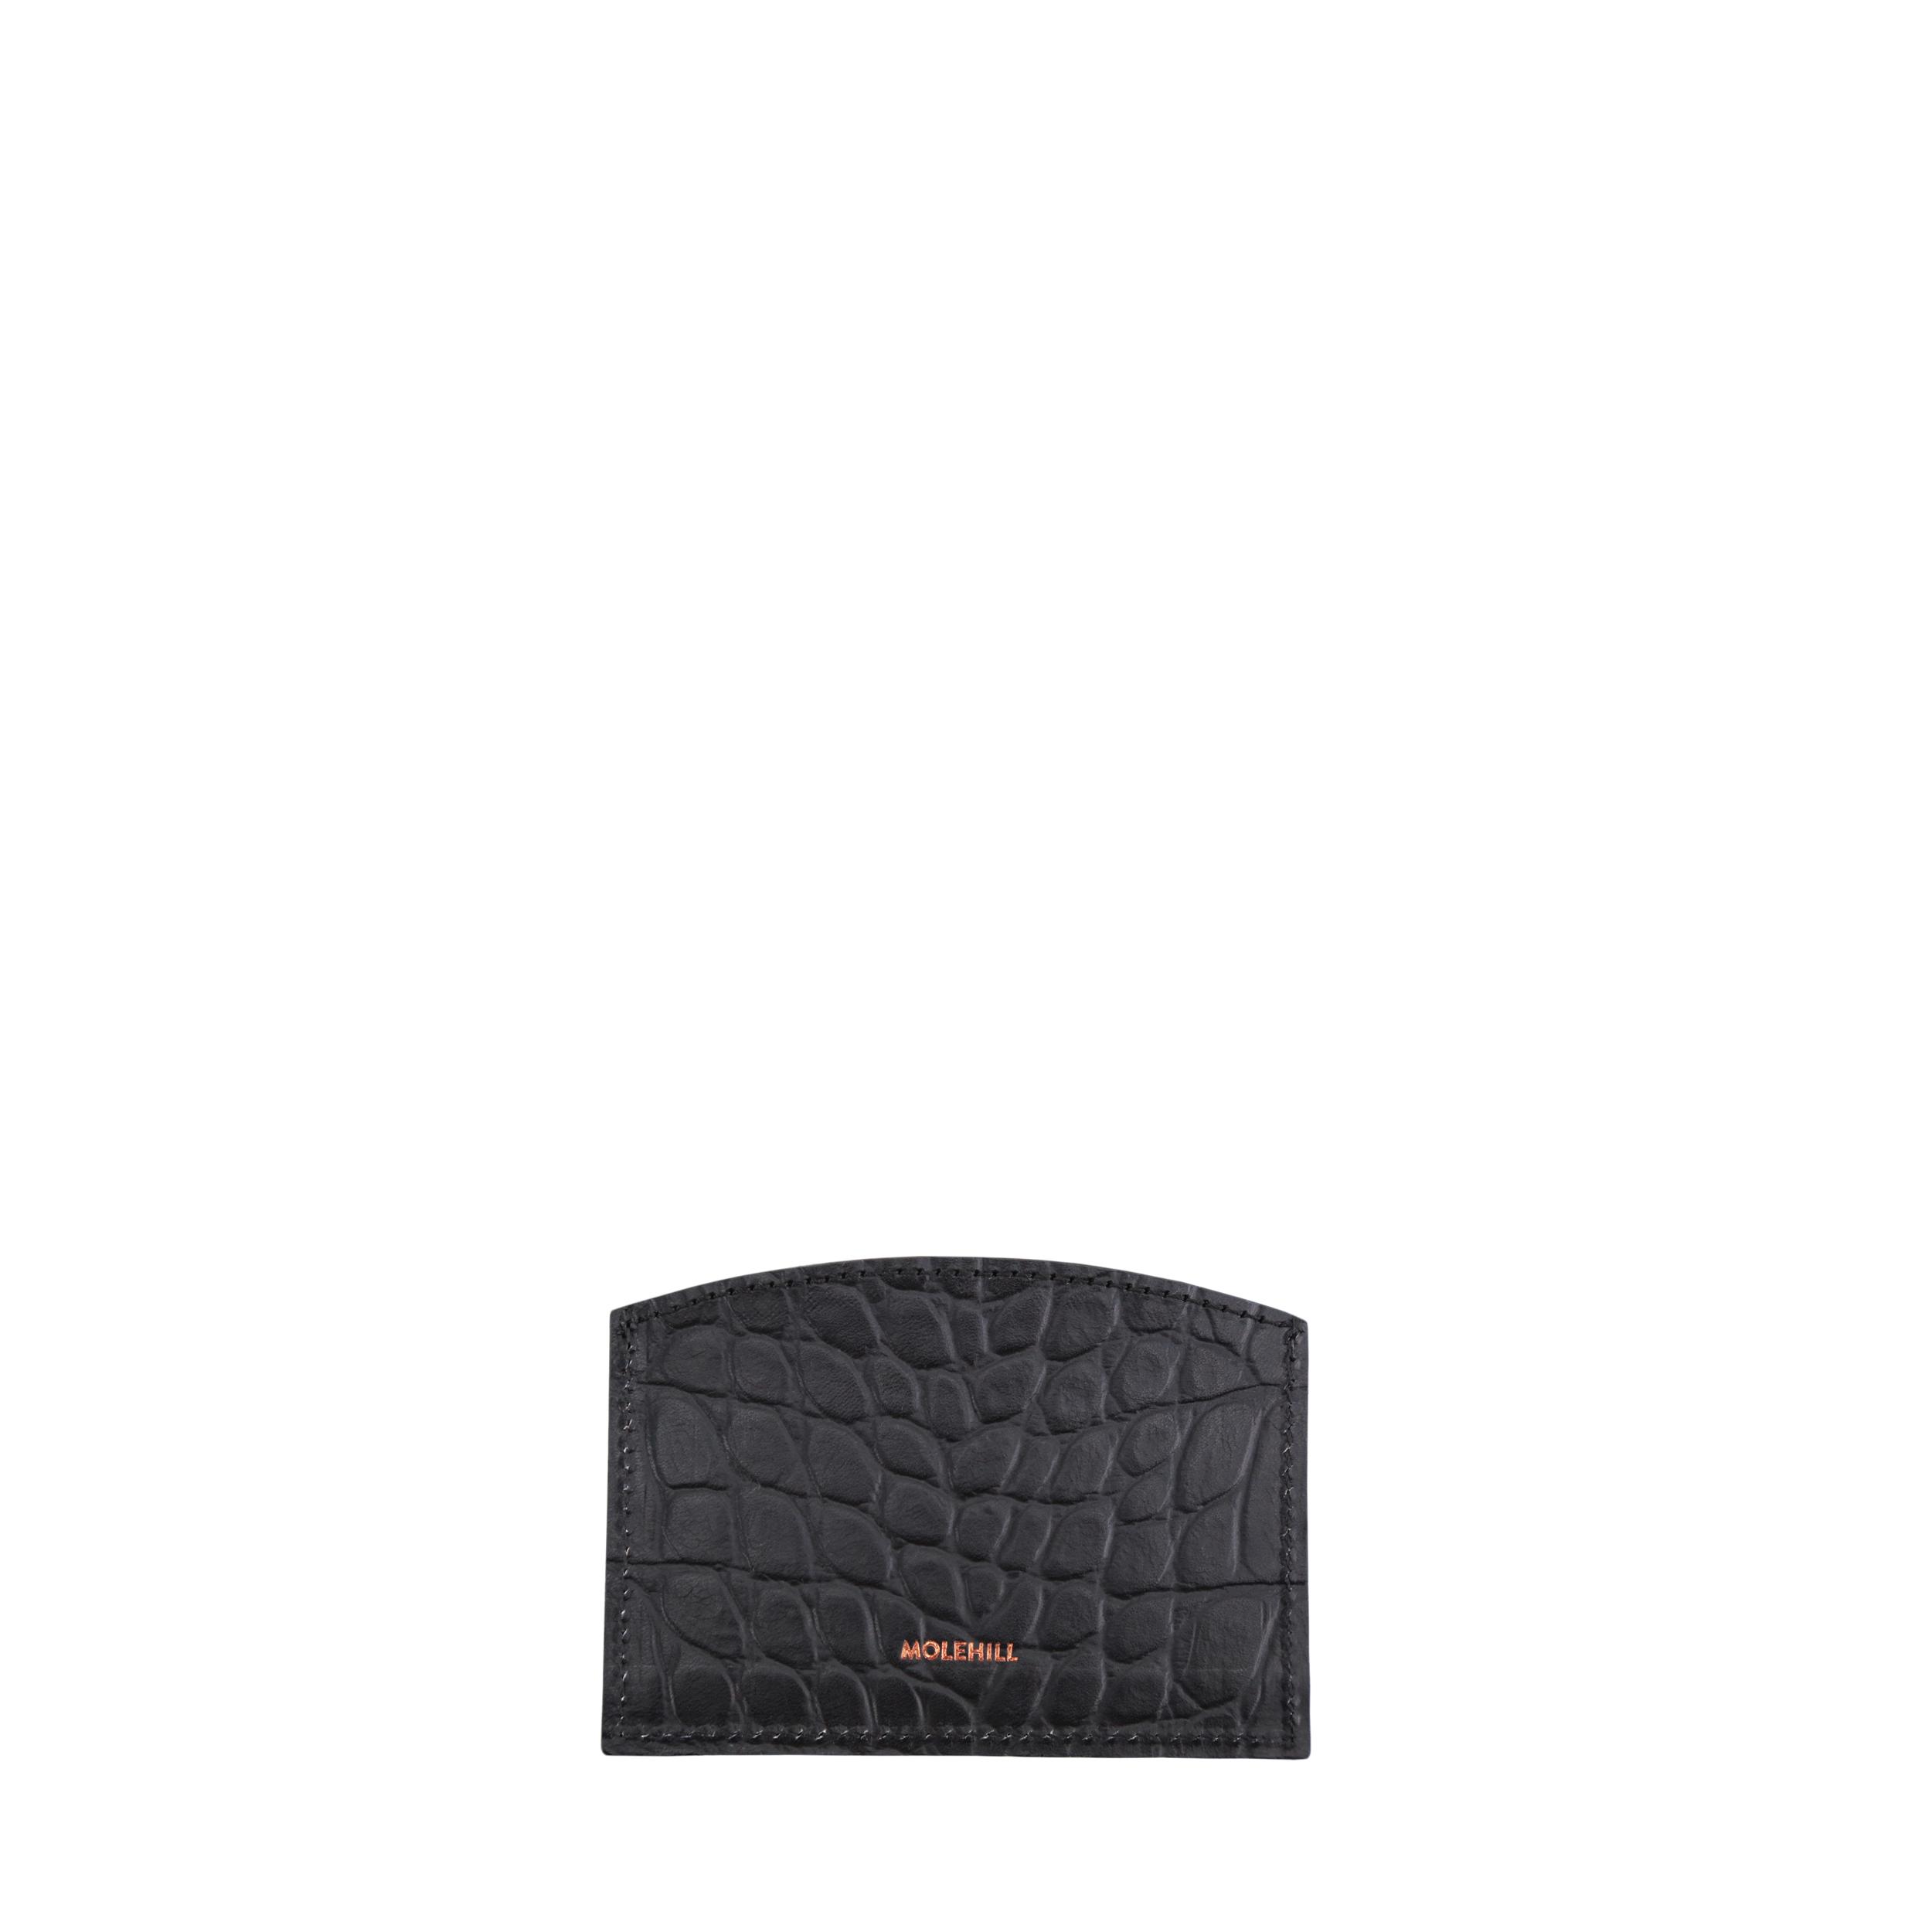 Card-Holder-Croco-Black-Special-Edition-1